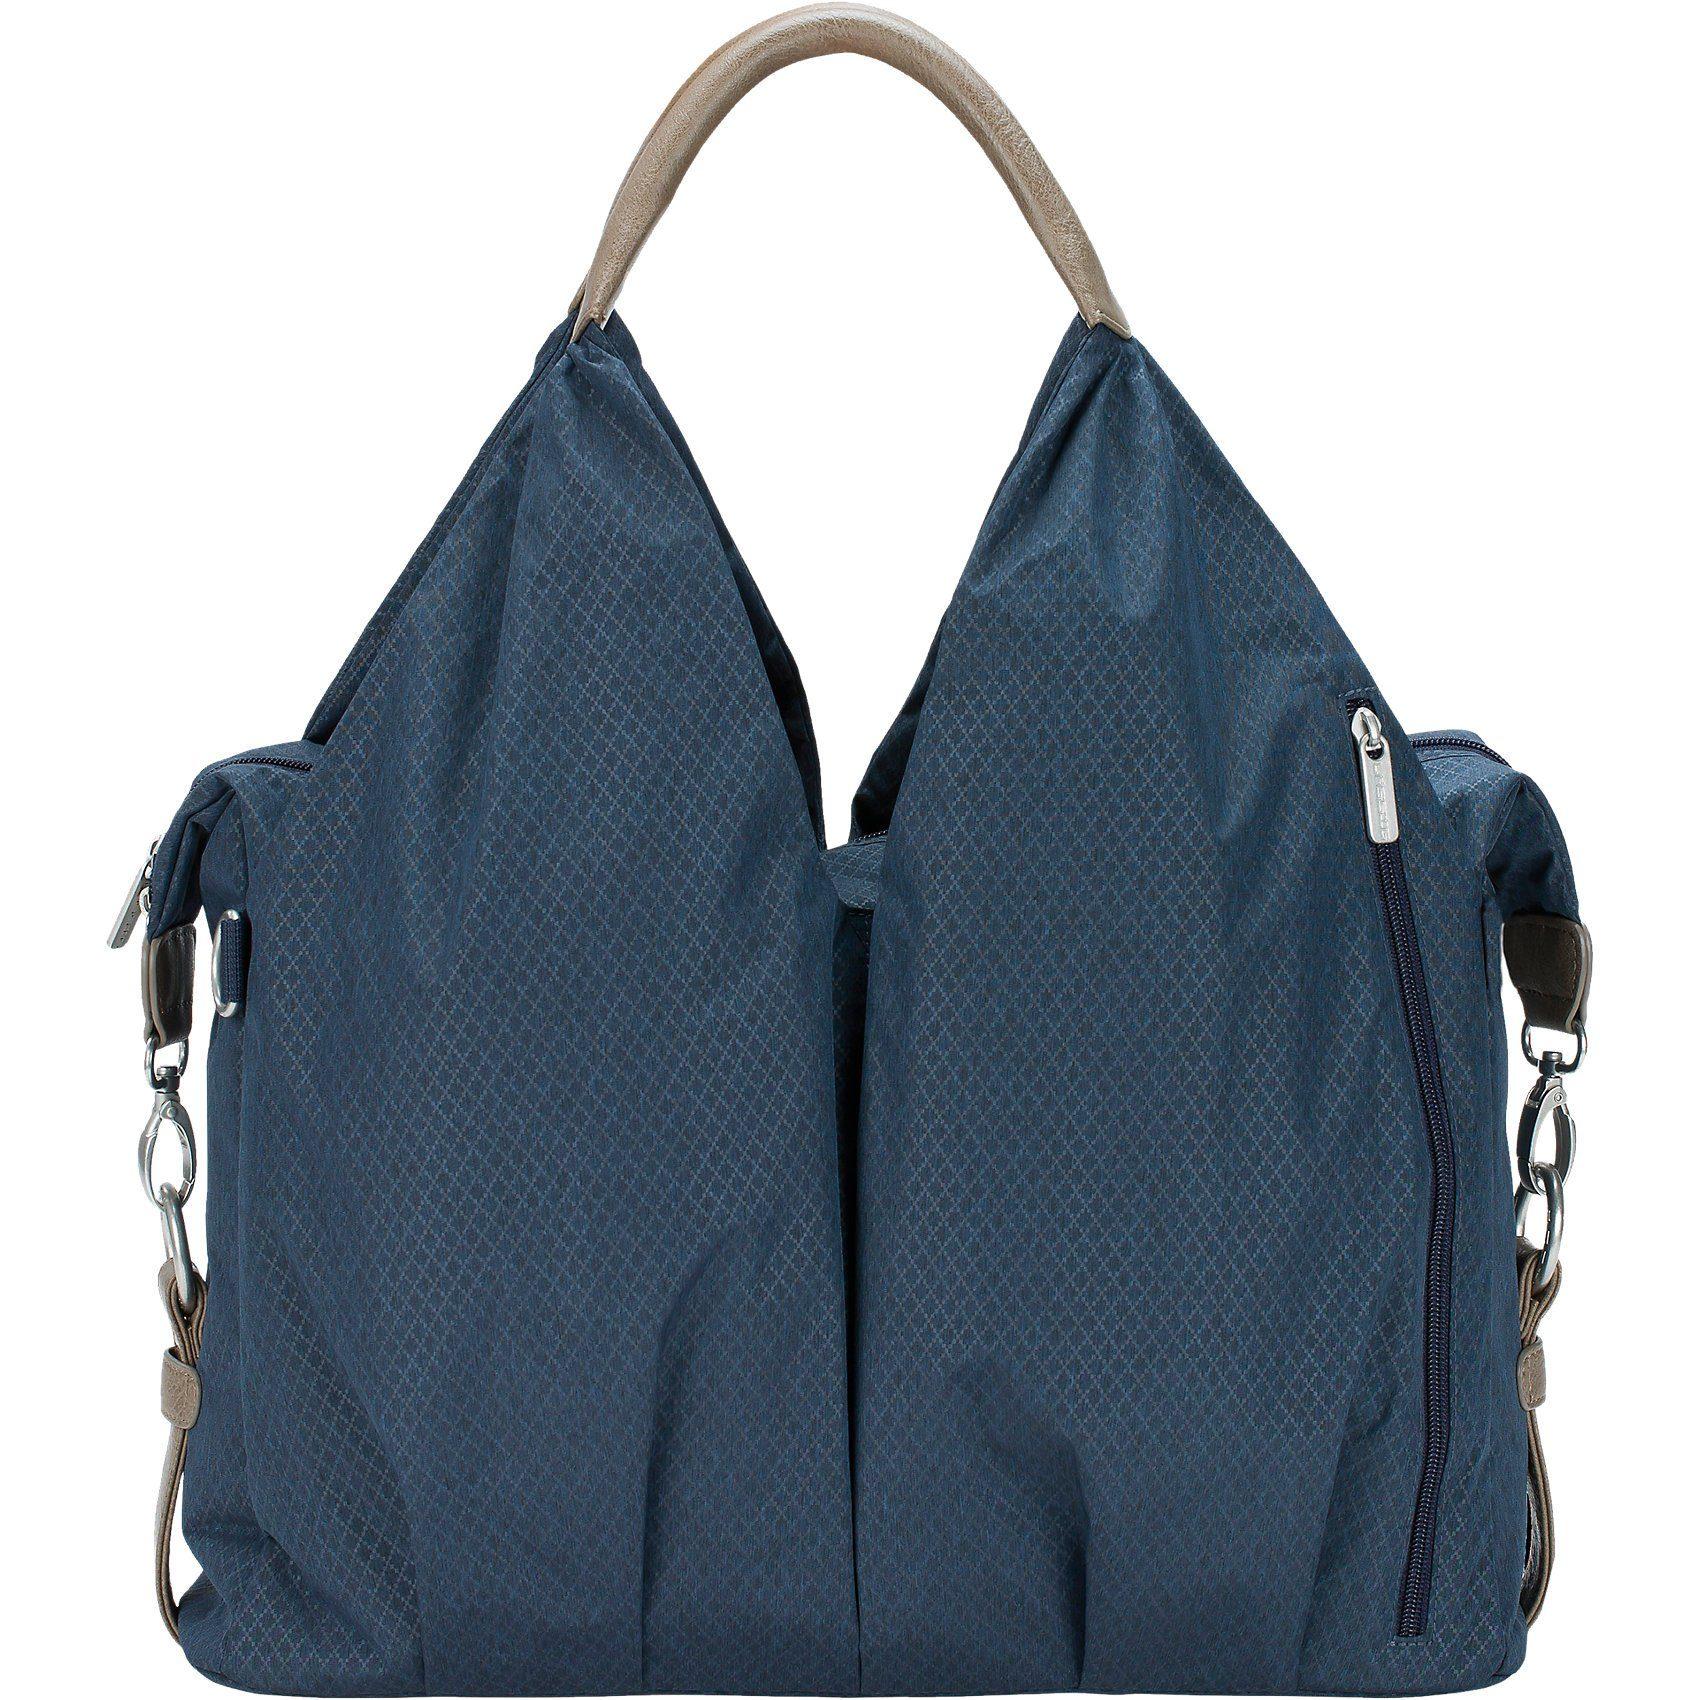 Lässig Wickeltasche Greenlabel, Neckline Bag Spin Dye, Blue Mélange